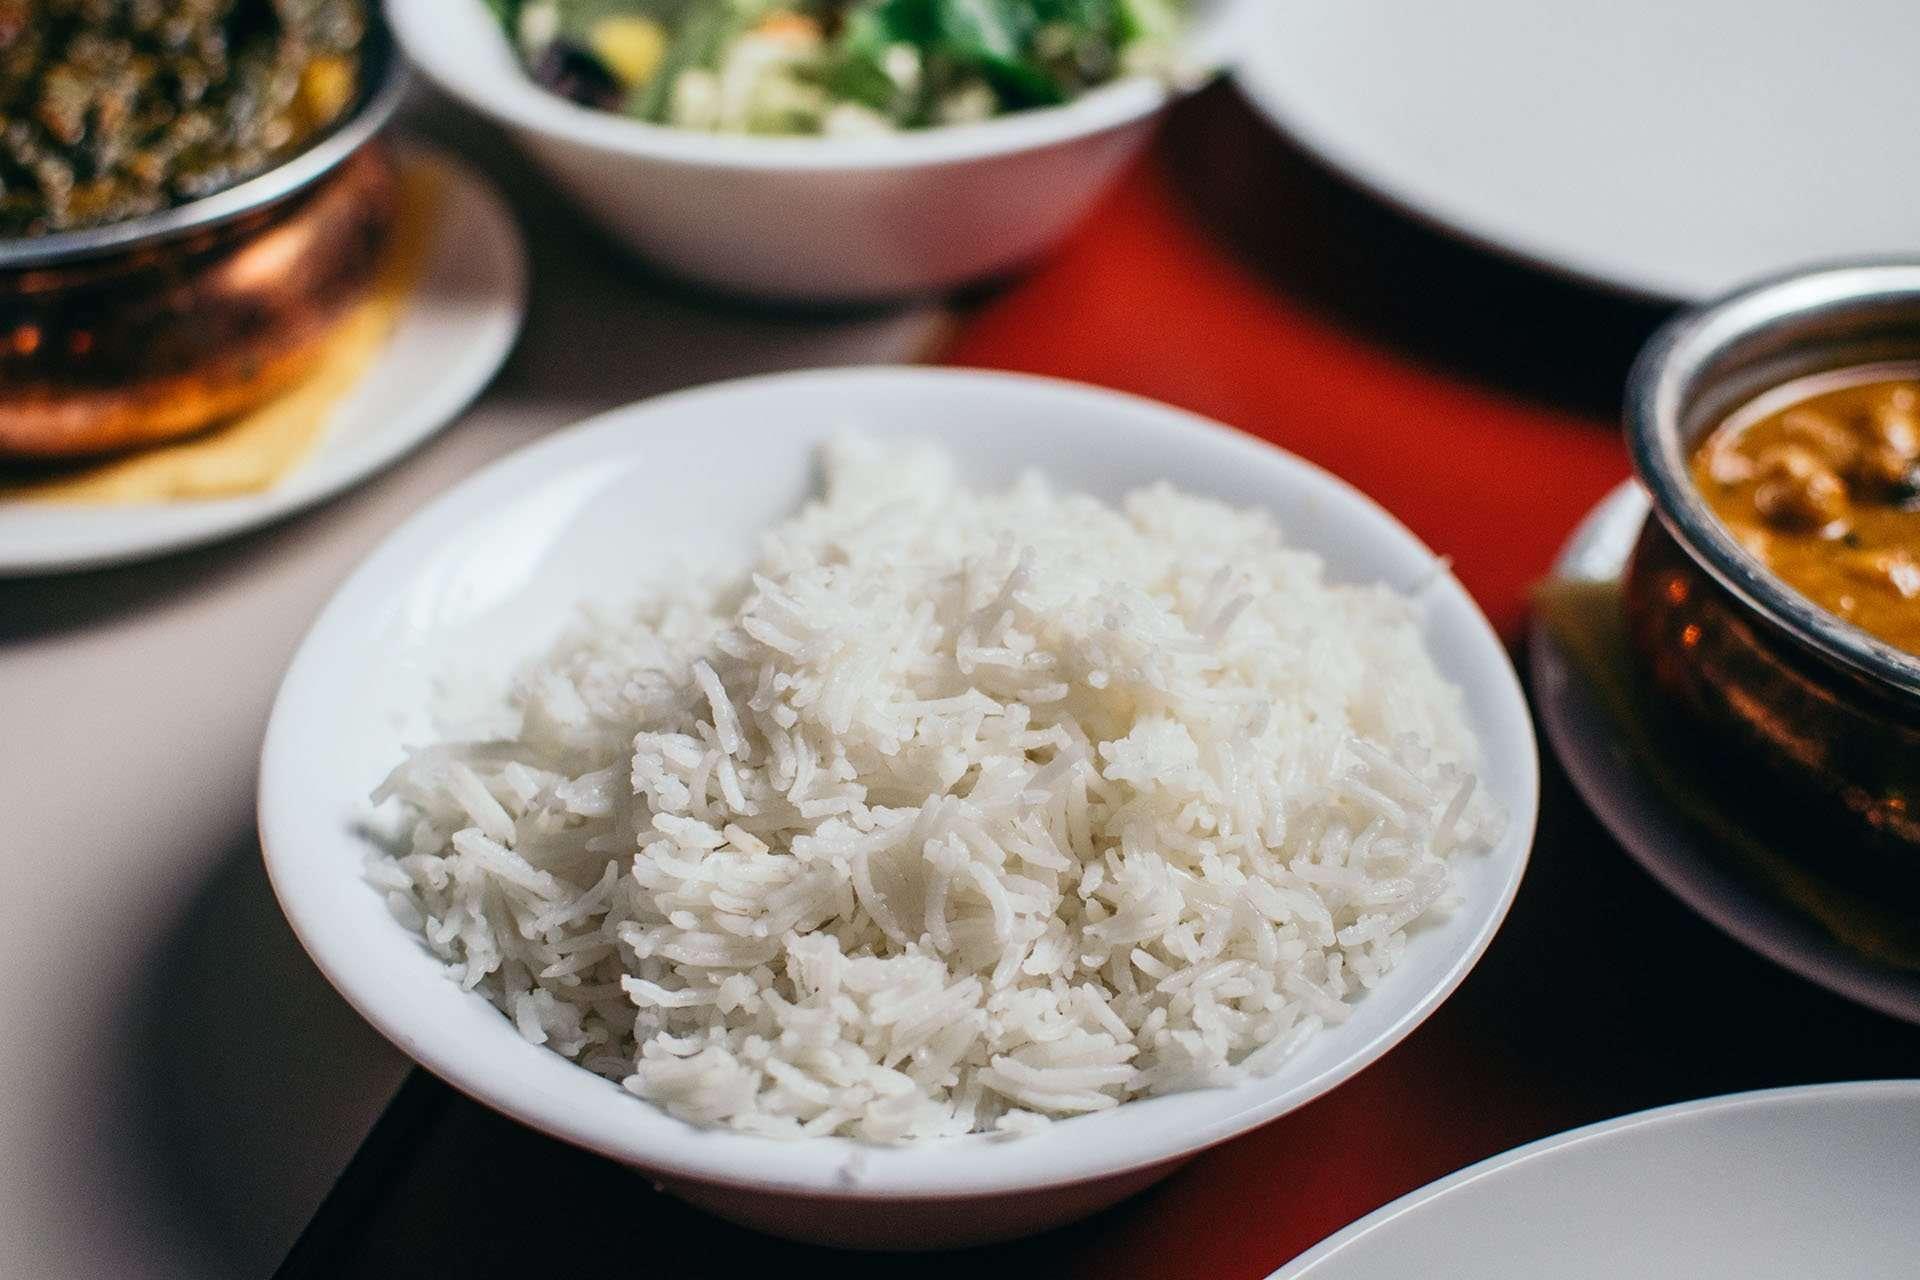 Arsénico y arroz